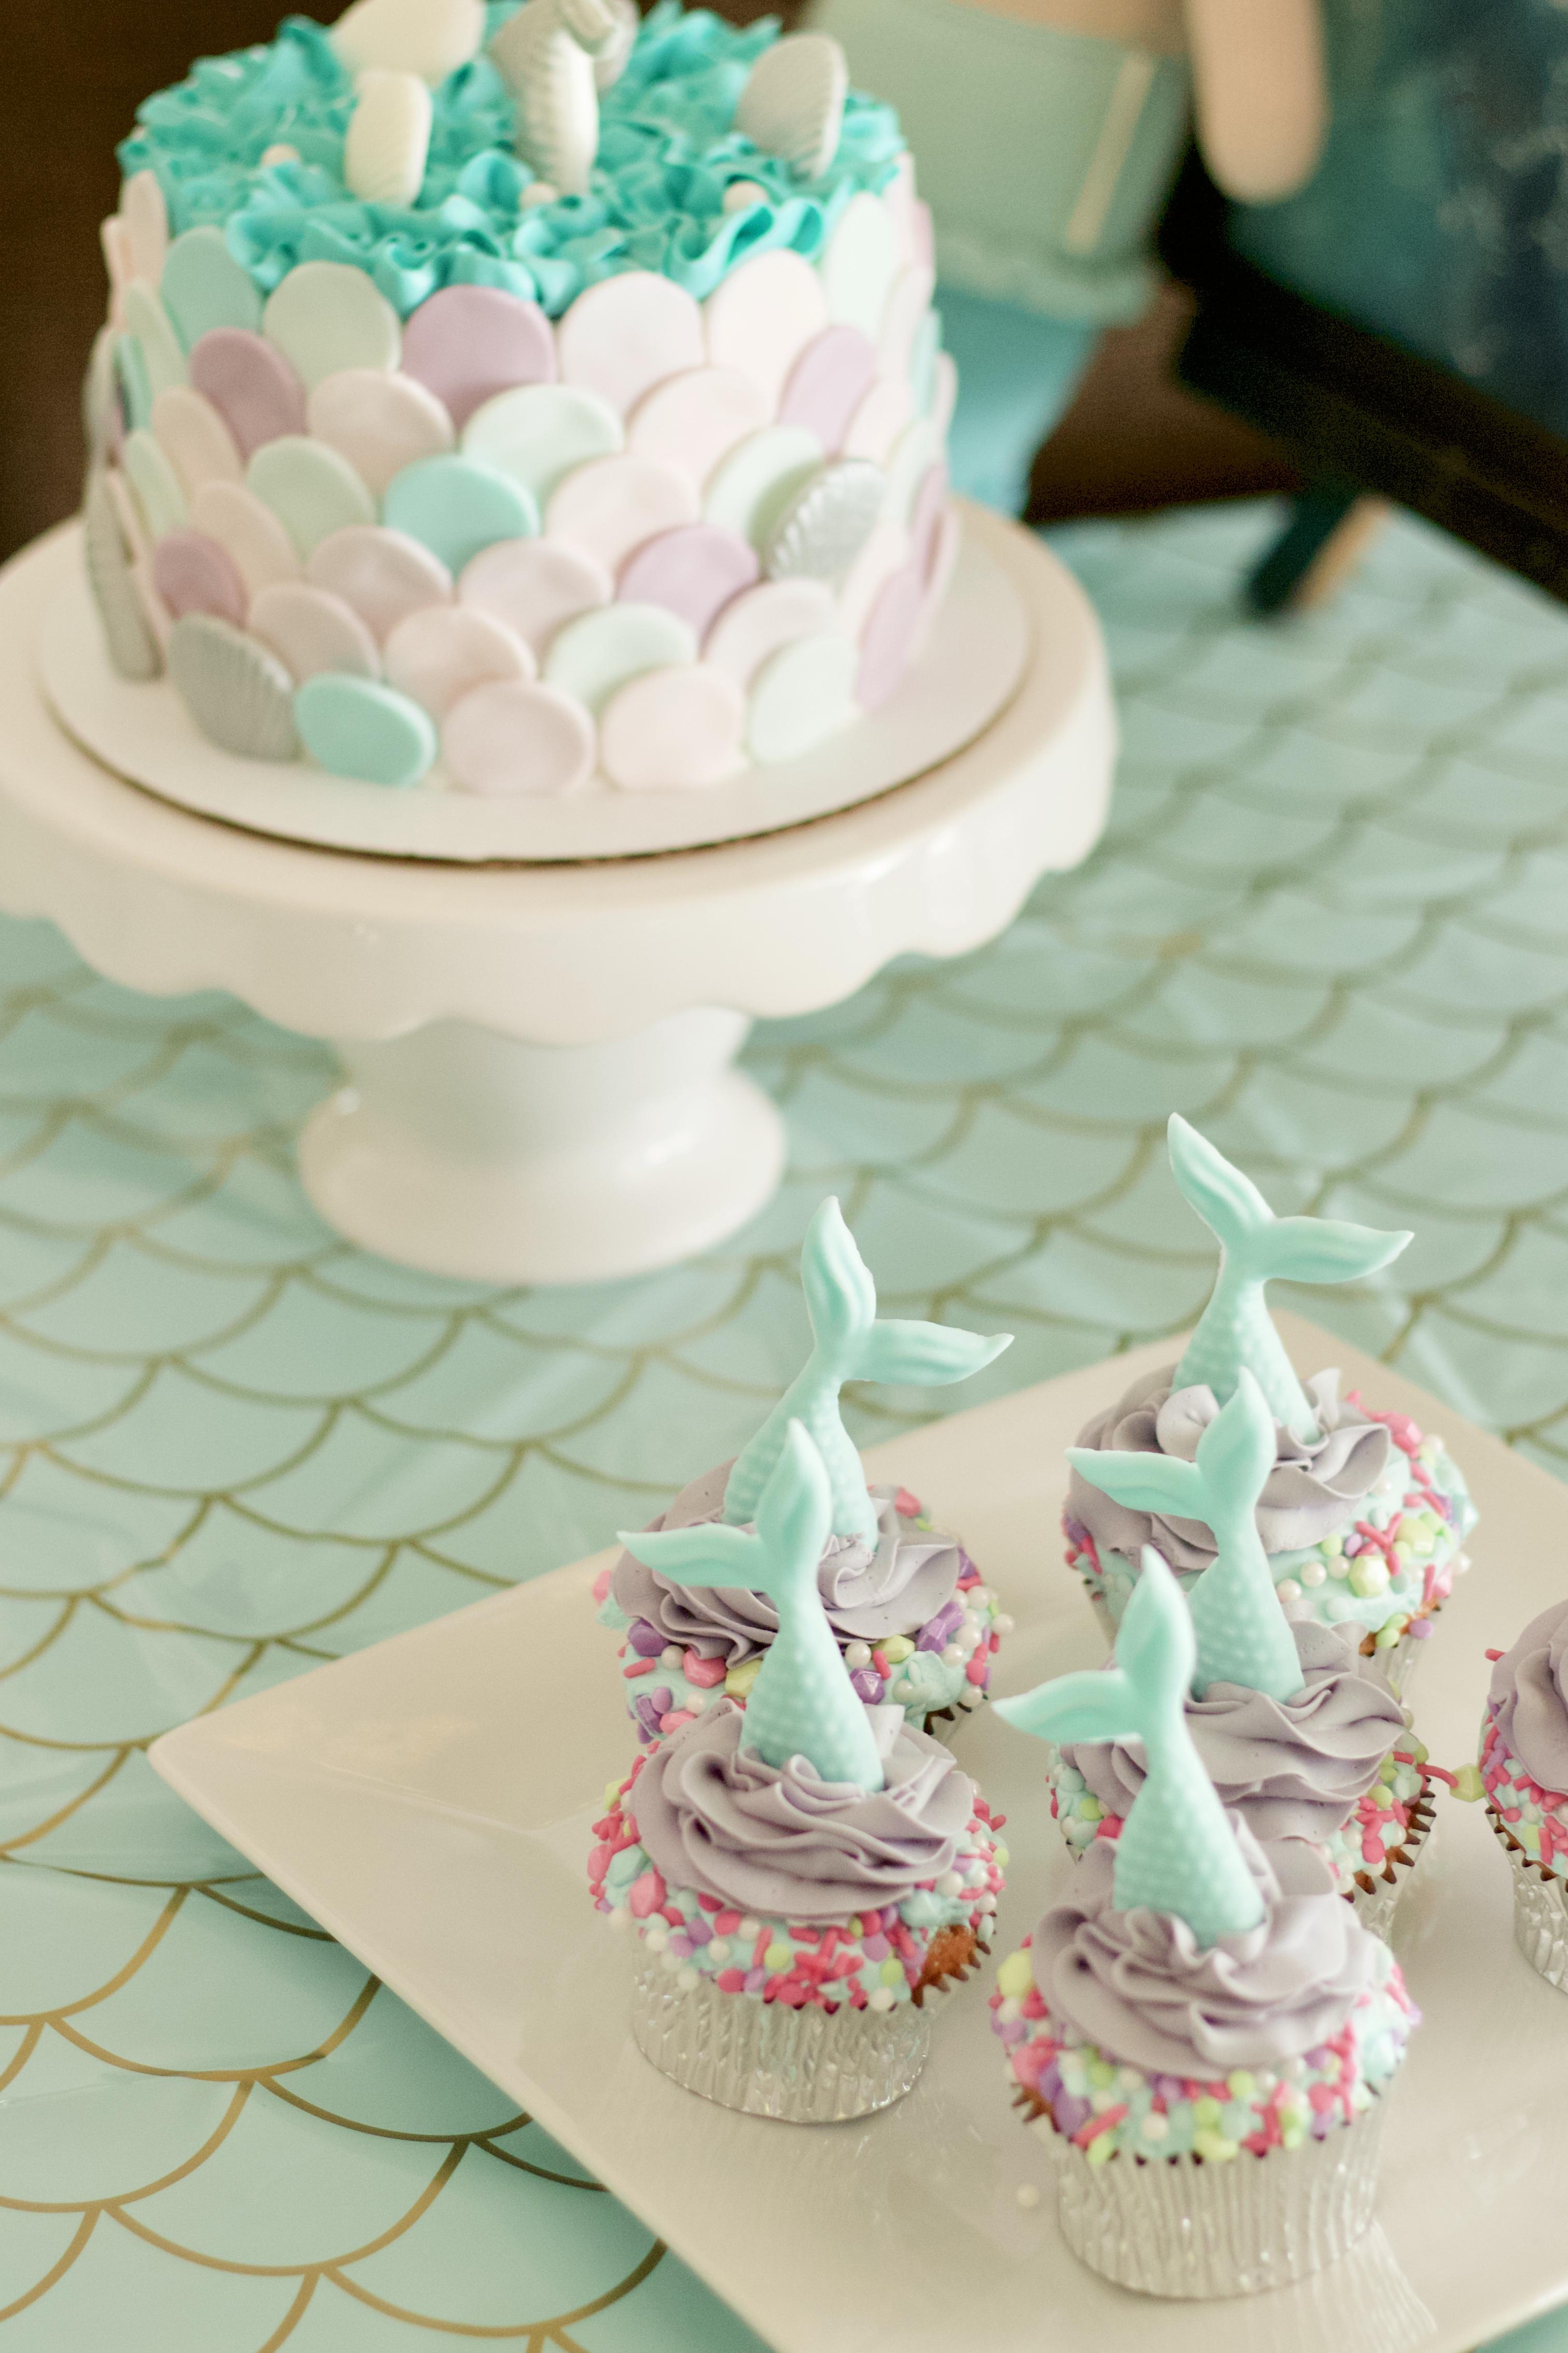 mermaid birthday cake and cupcakes #birthdaycake #mermaidcake #mermaidparty #cake